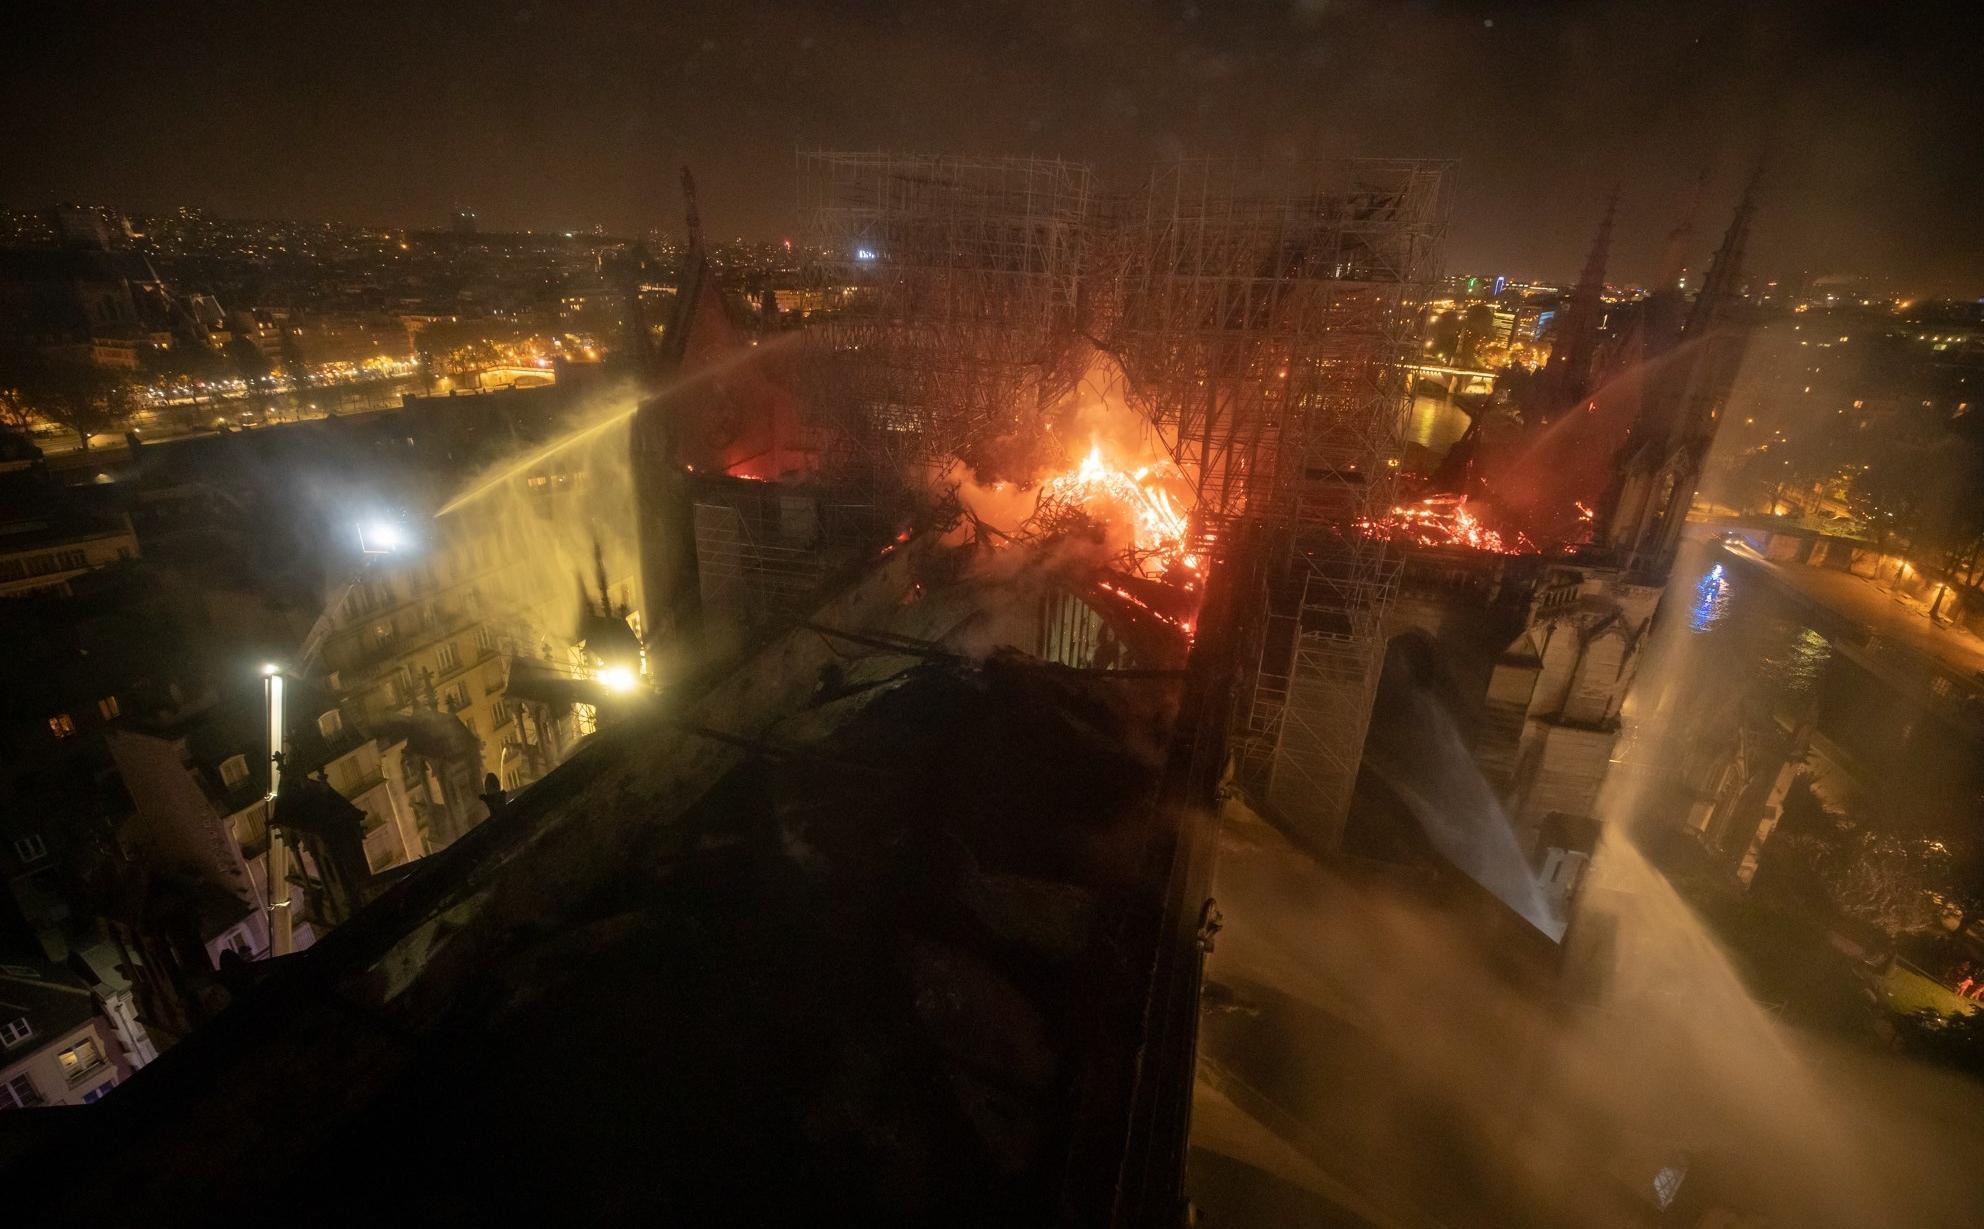 Incendie de la cathédrale Notre-Dame de Paris - 15 avril 2019 - BSPP